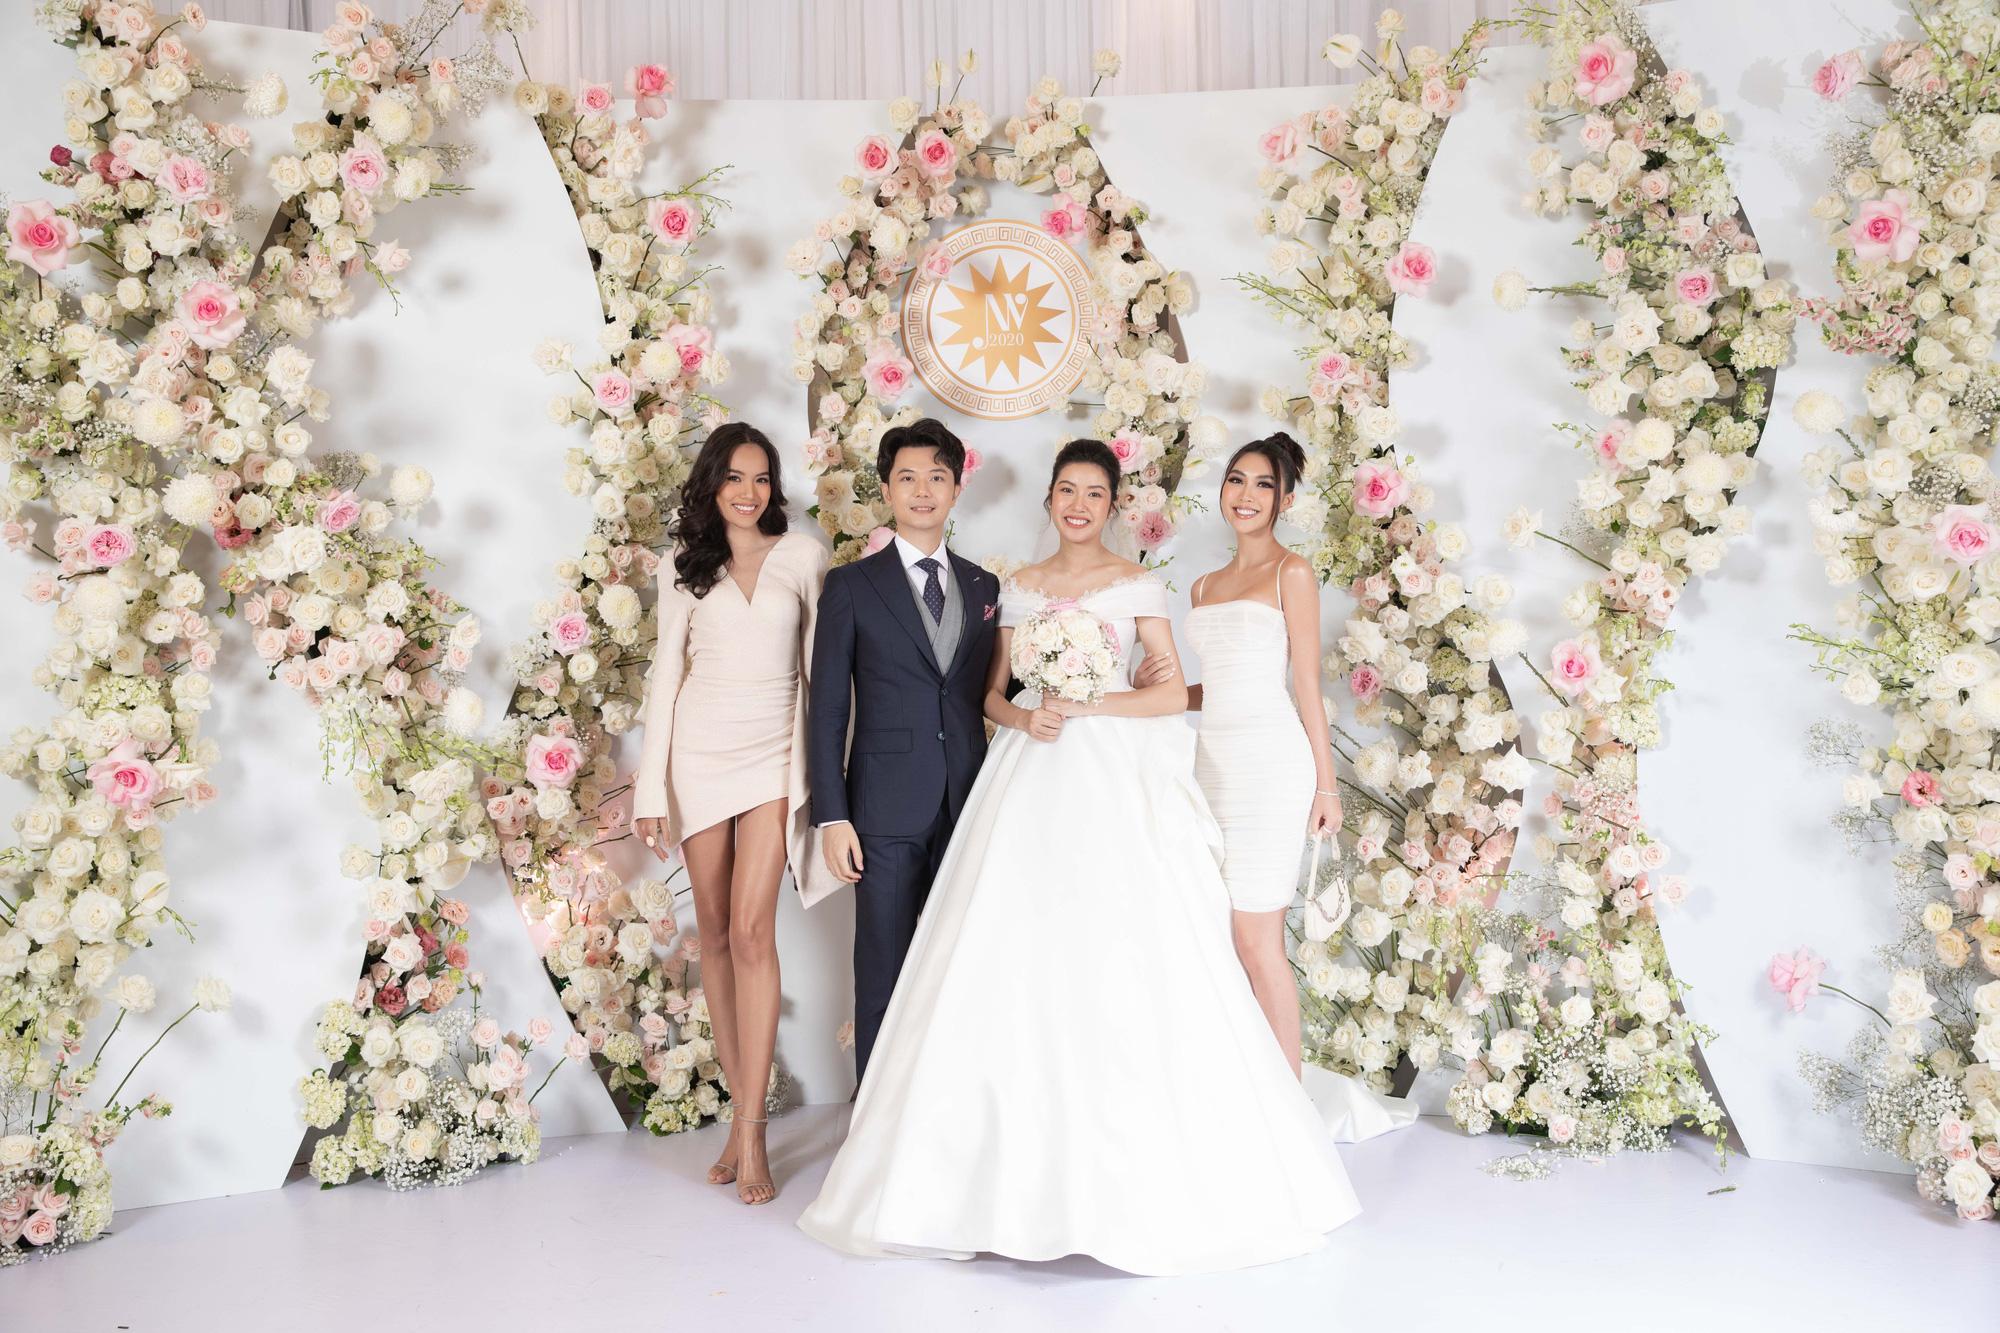 Sexy nhất dàn khách mời đám cưới Thúy Vân, Tường Linh lại bị soi thấu một chi tiết lộ liễu kém duyên - Ảnh 3.